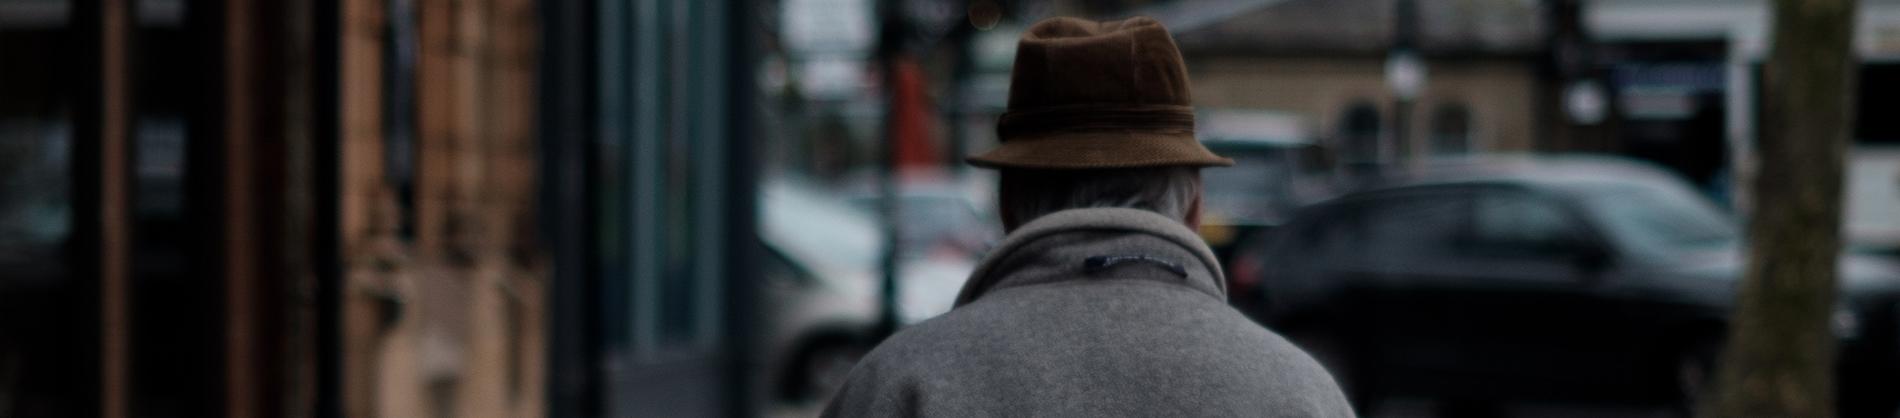 A elderly man walking down the street